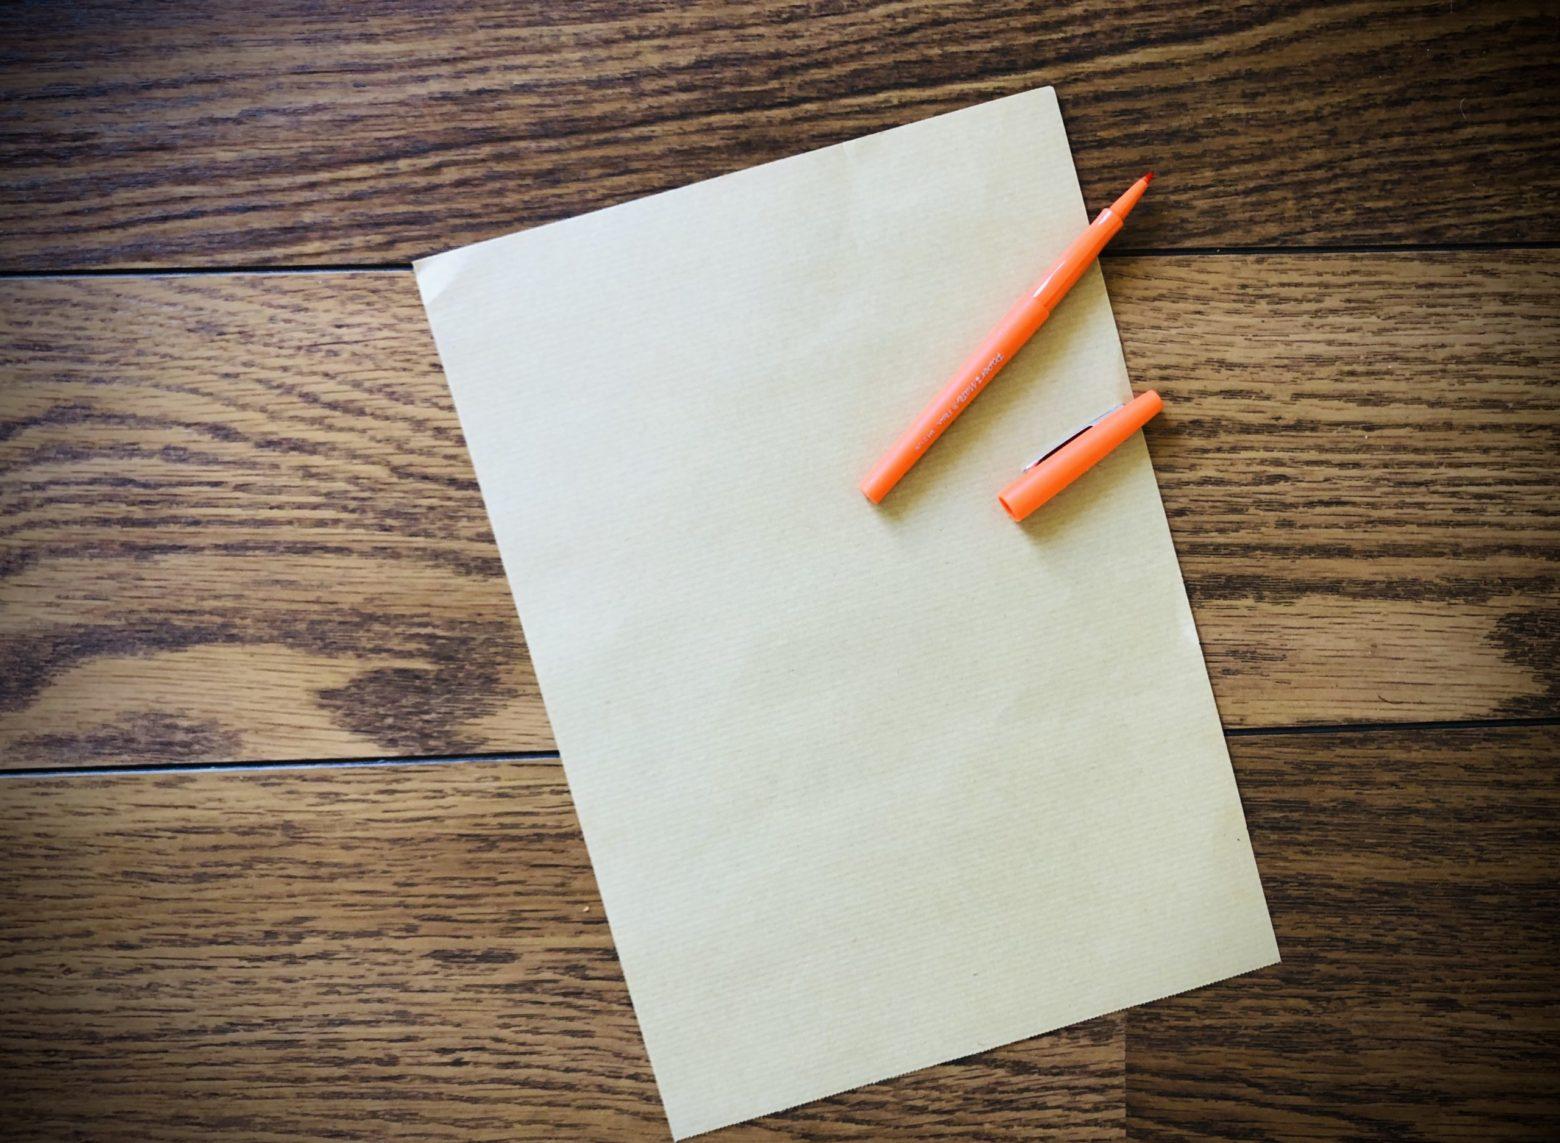 Liste de mes envies, blog quinqua, femmes plus de 50 ans